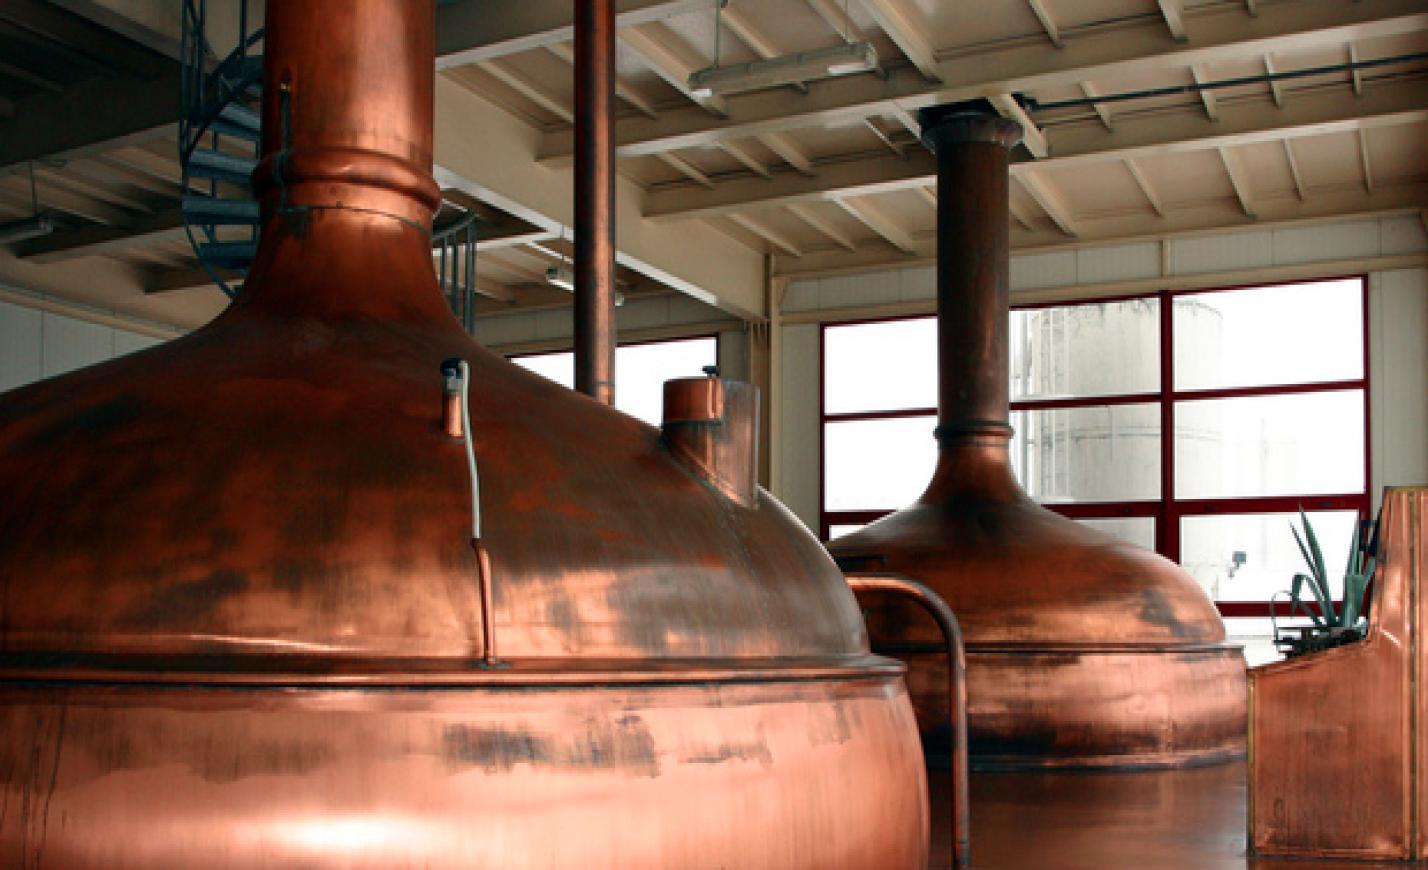 A kisüzemi sörfőzdék a következő években növelni akarják a piaci részesedésüket